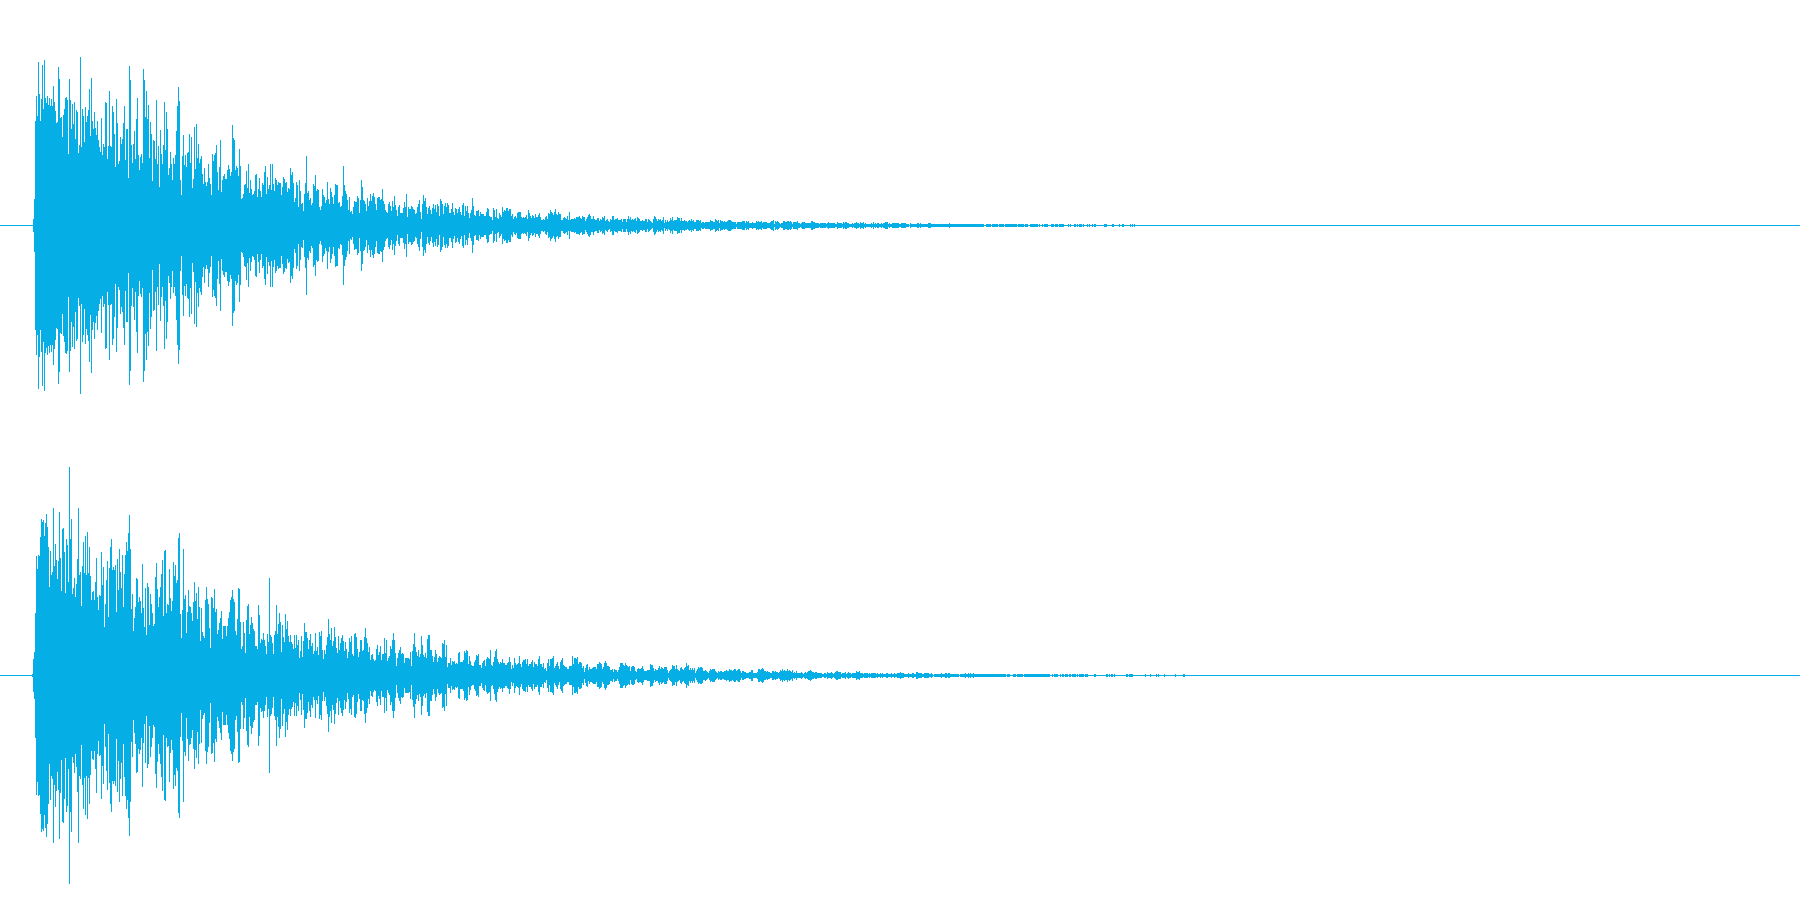 オリジナルの効果音_打撃音の再生済みの波形